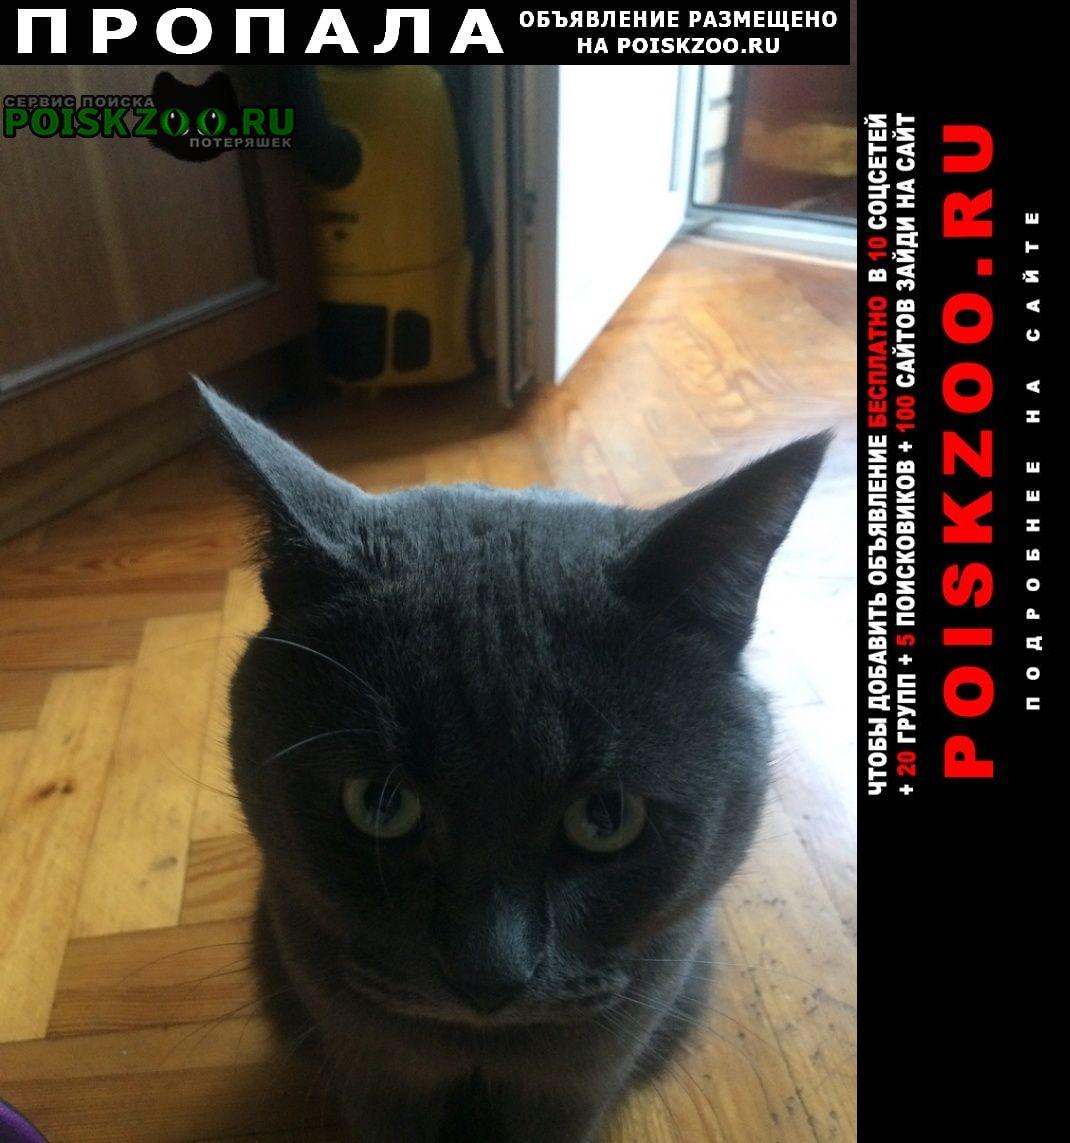 Пропала кошка Балашиха